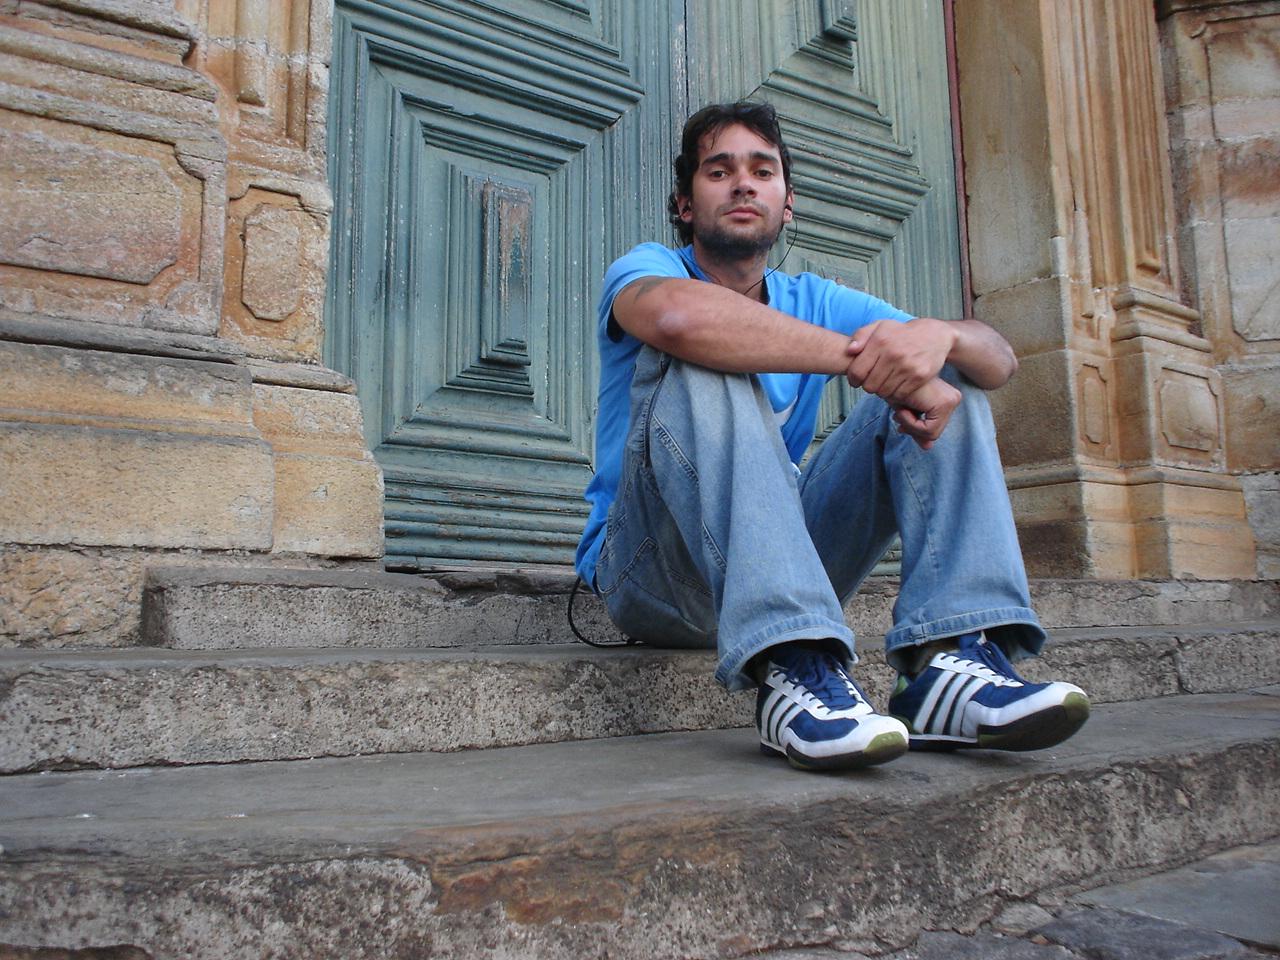 Estou Procurando Rapaz Me Seville-96819